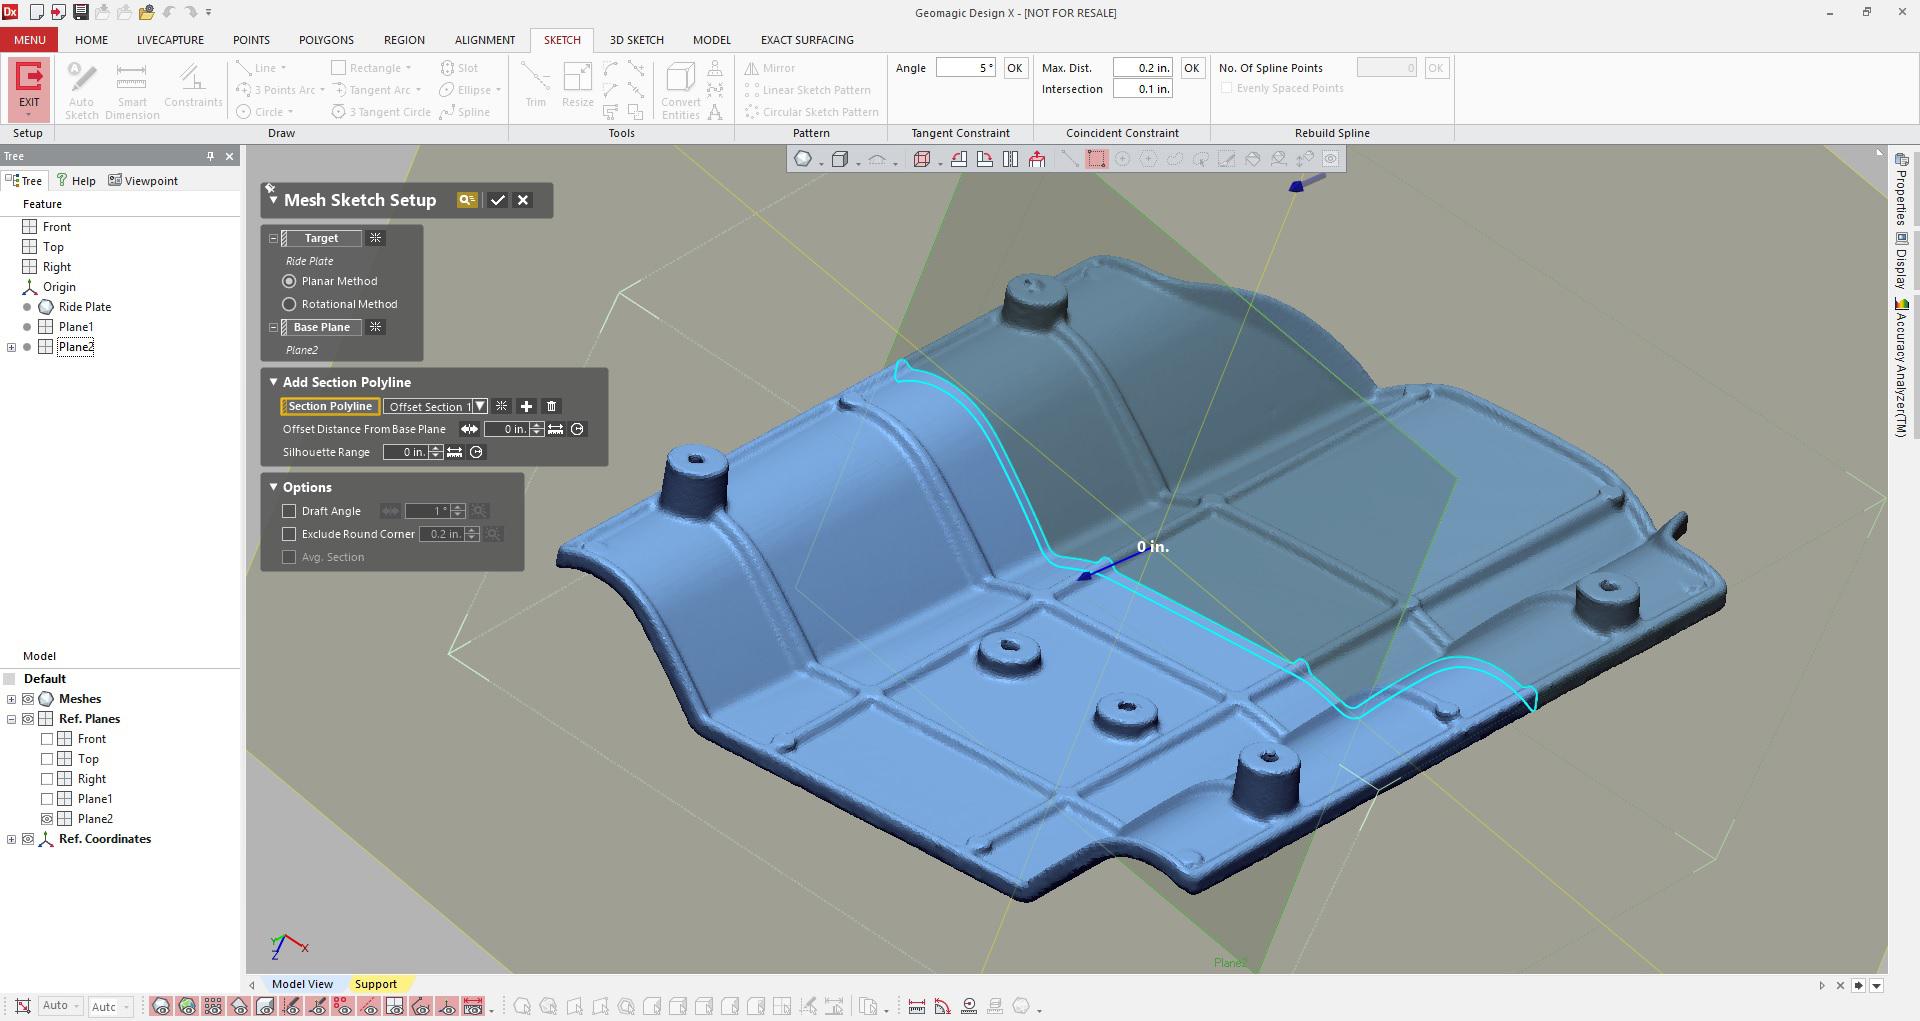 دانلود نرم افزار Geomagic Design X